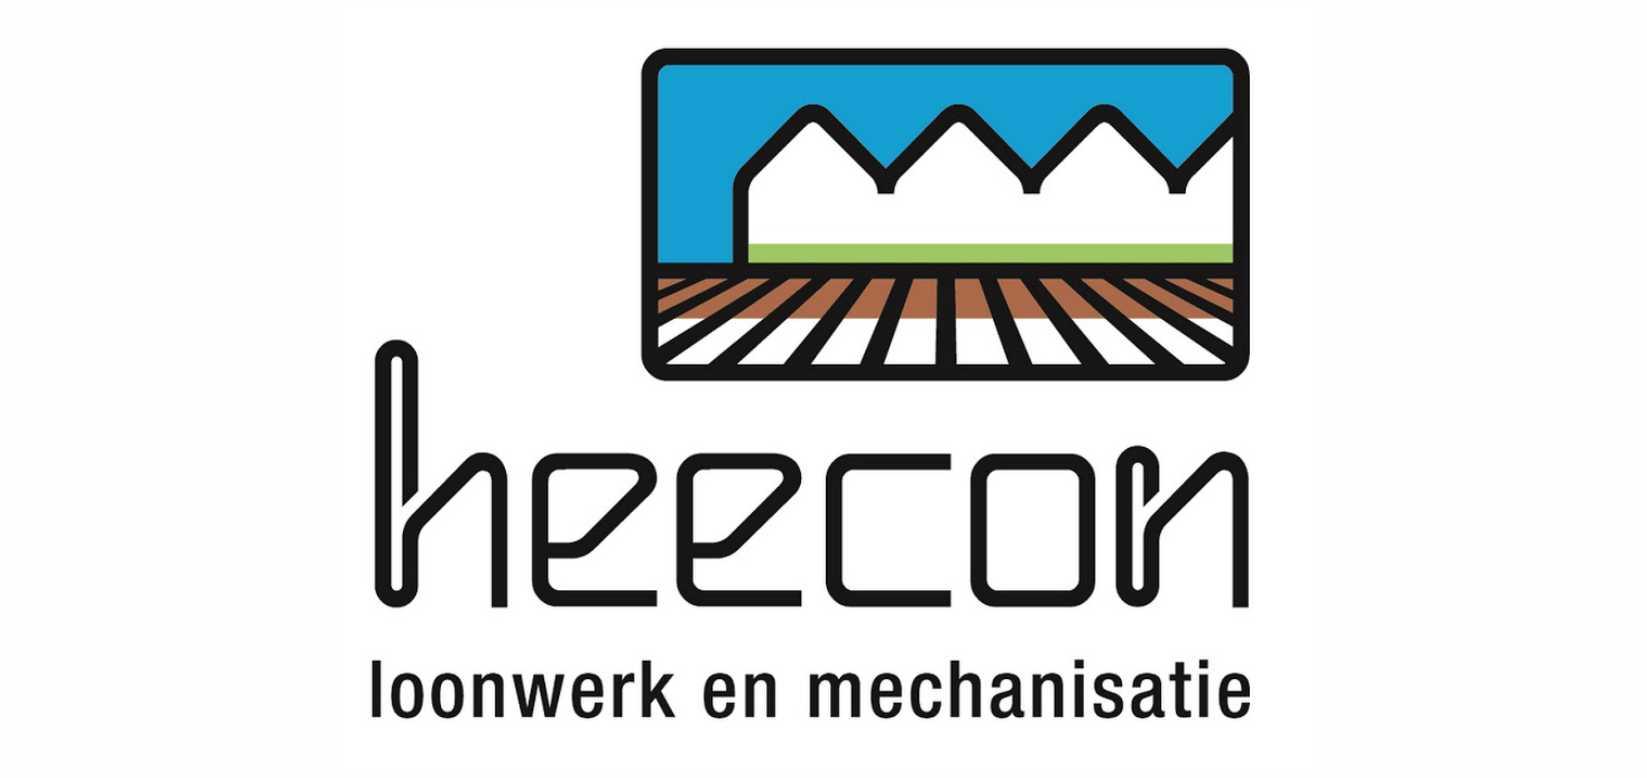 heecon